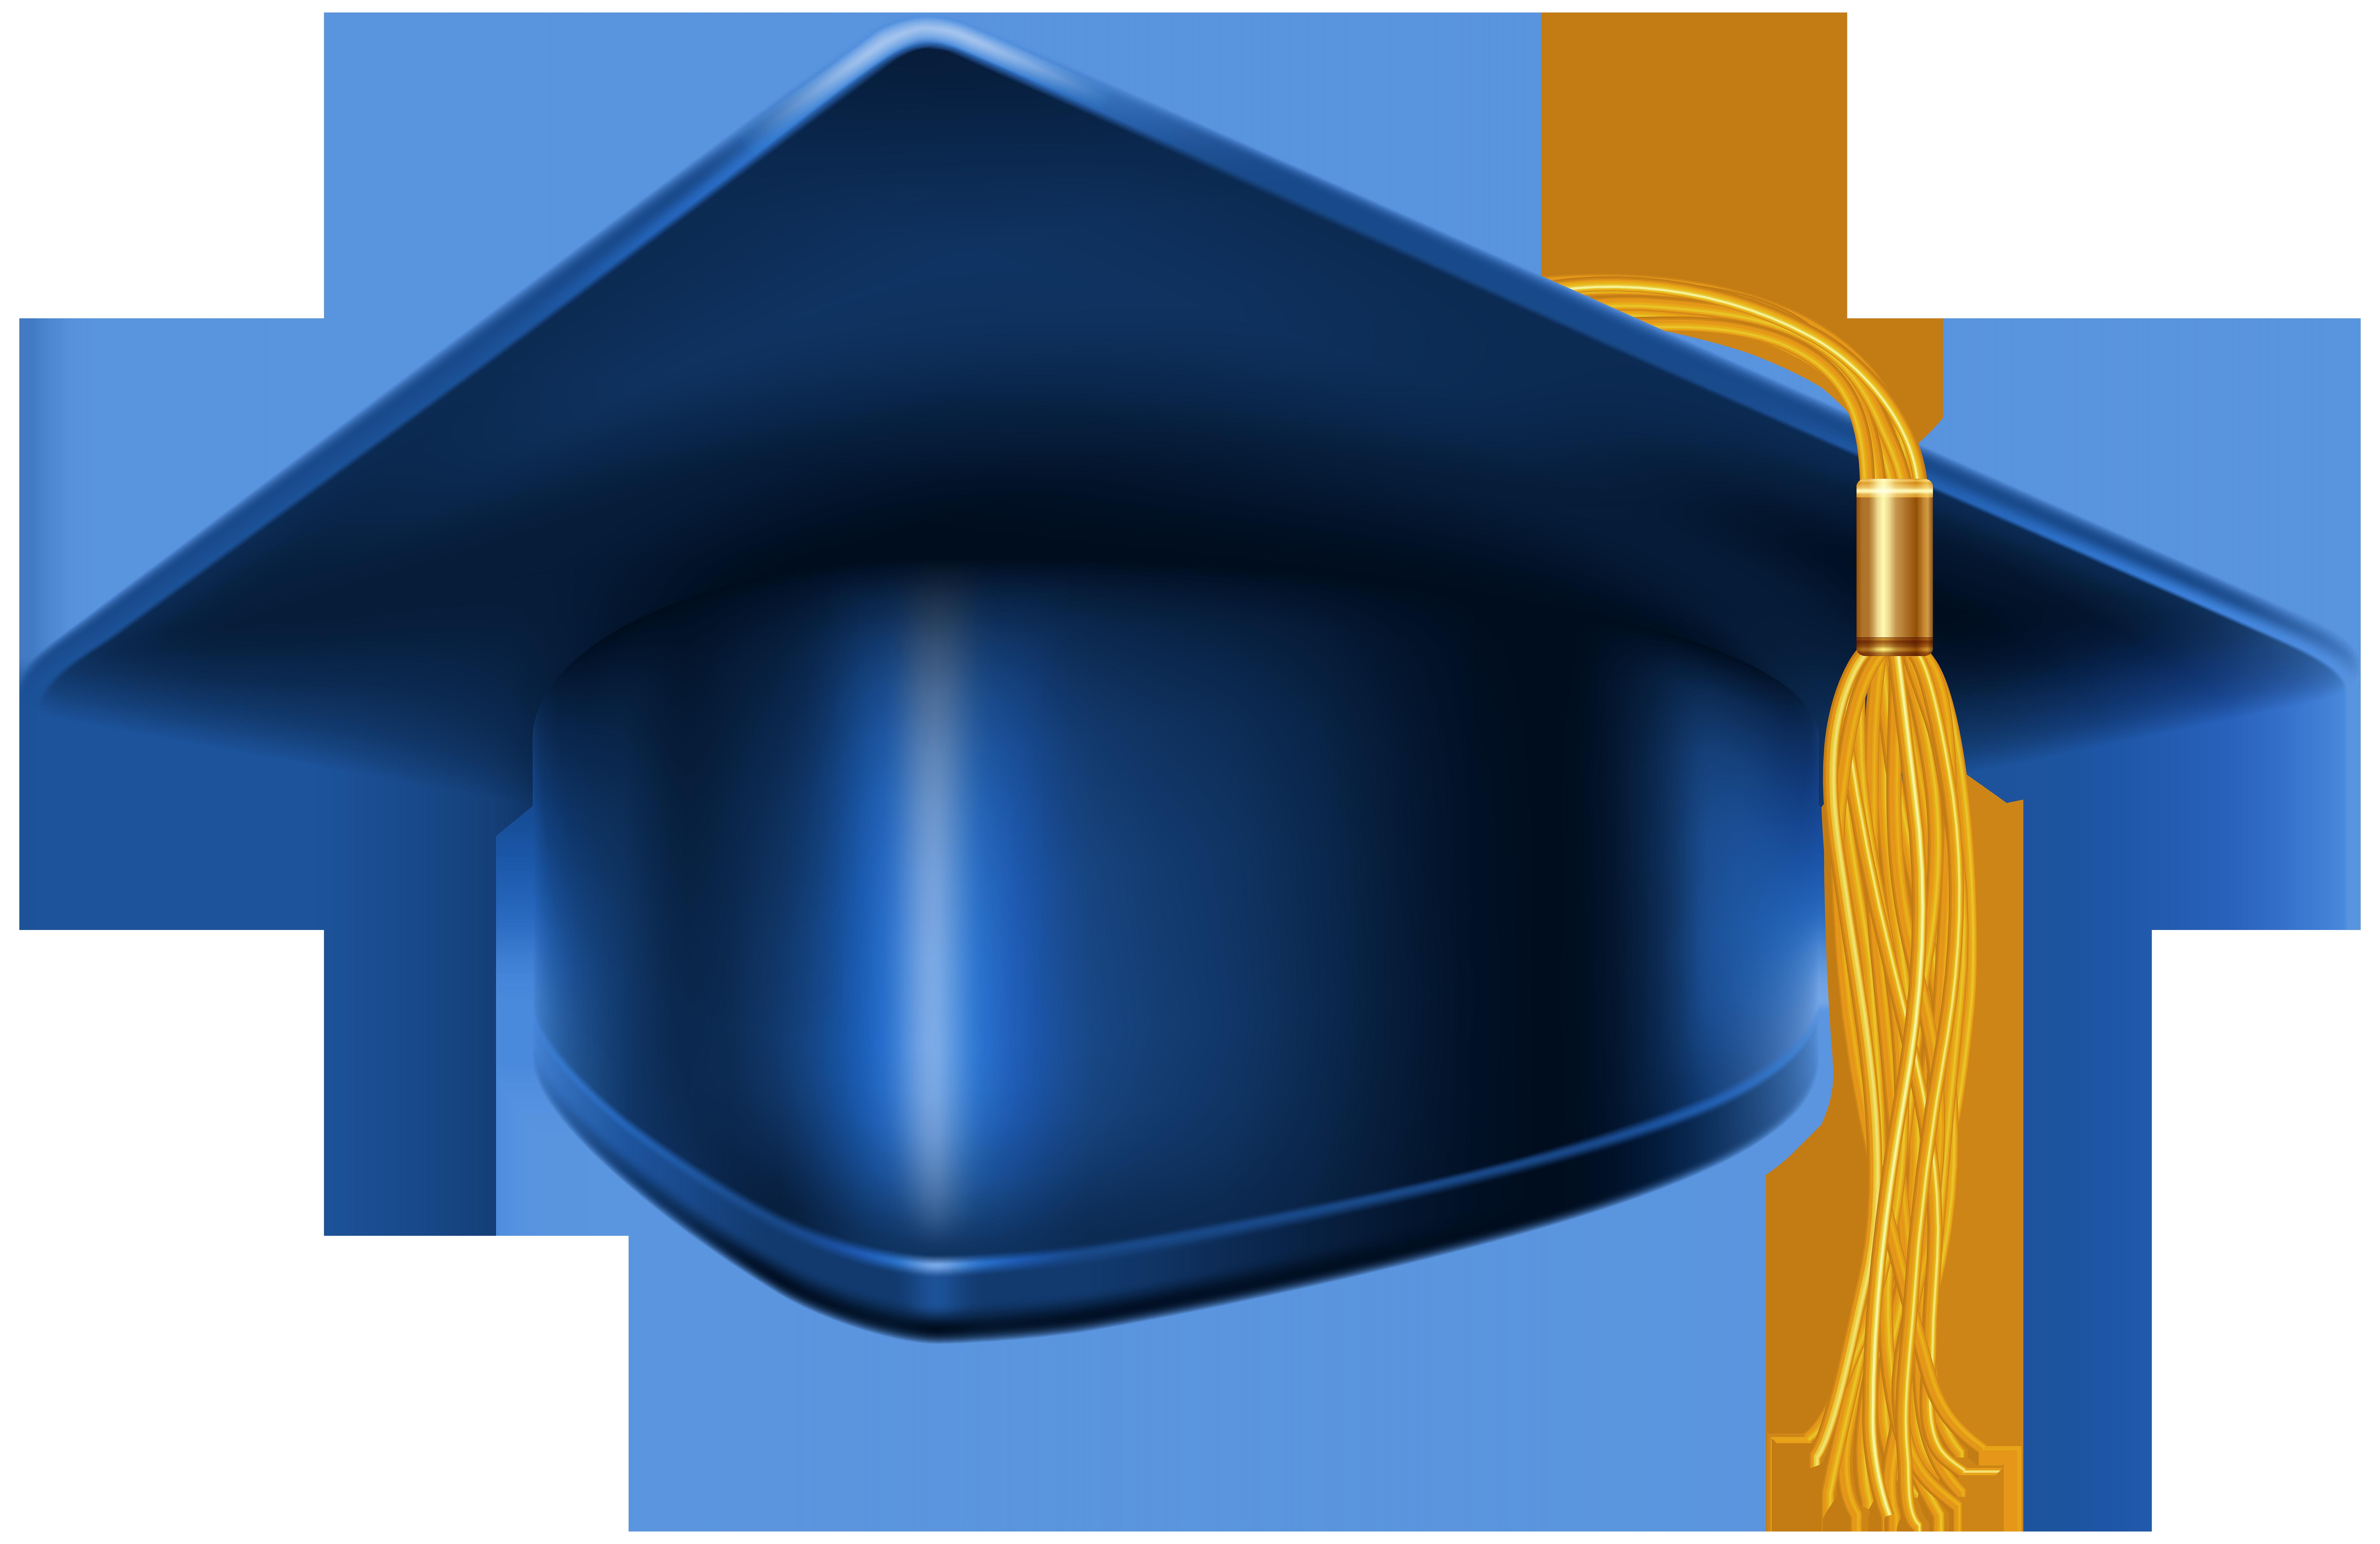 Blue Graduation Cap PNG Clip Art Image.